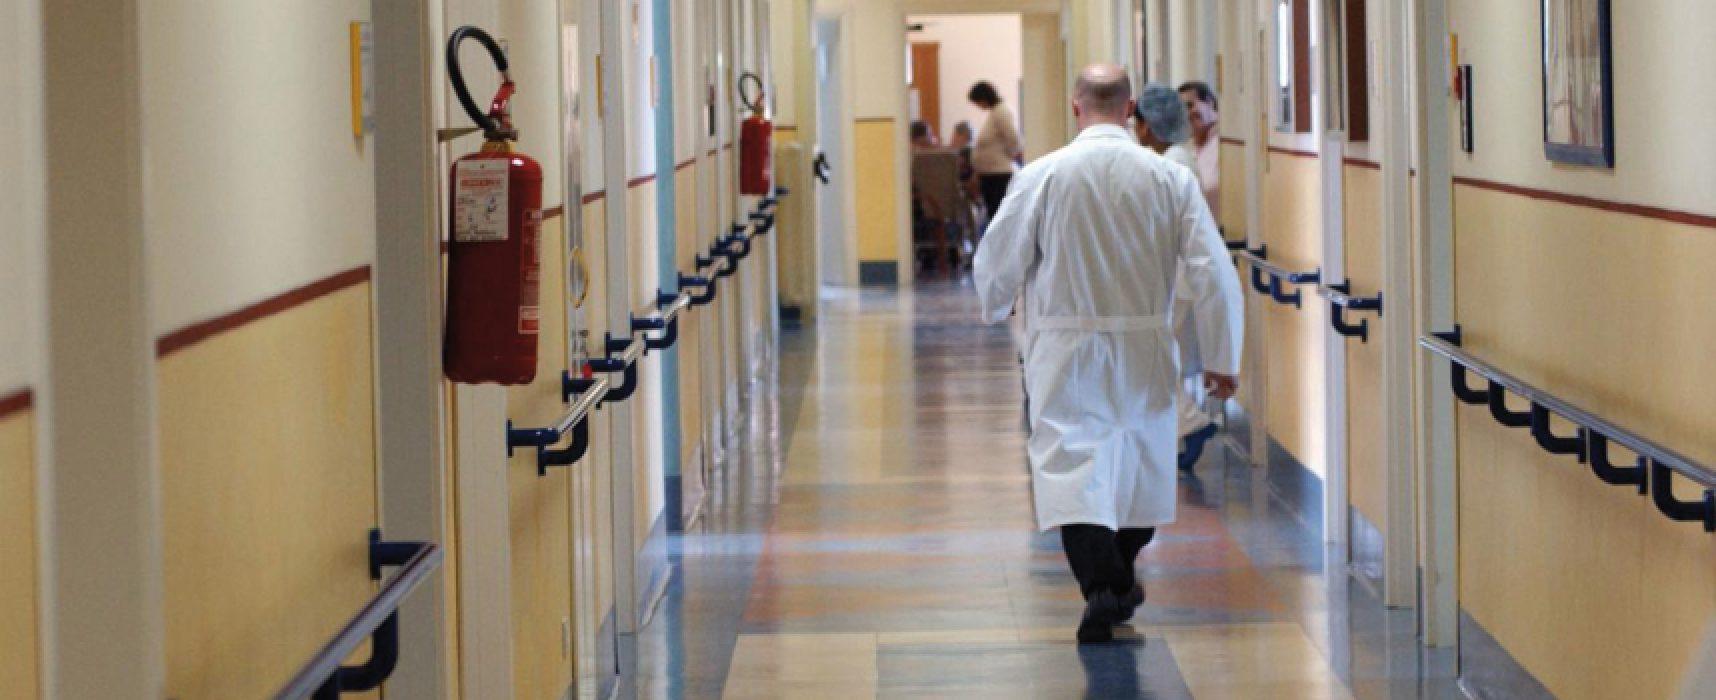 Consiglio regionale approva visite a pazienti Covid in terapia intensiva